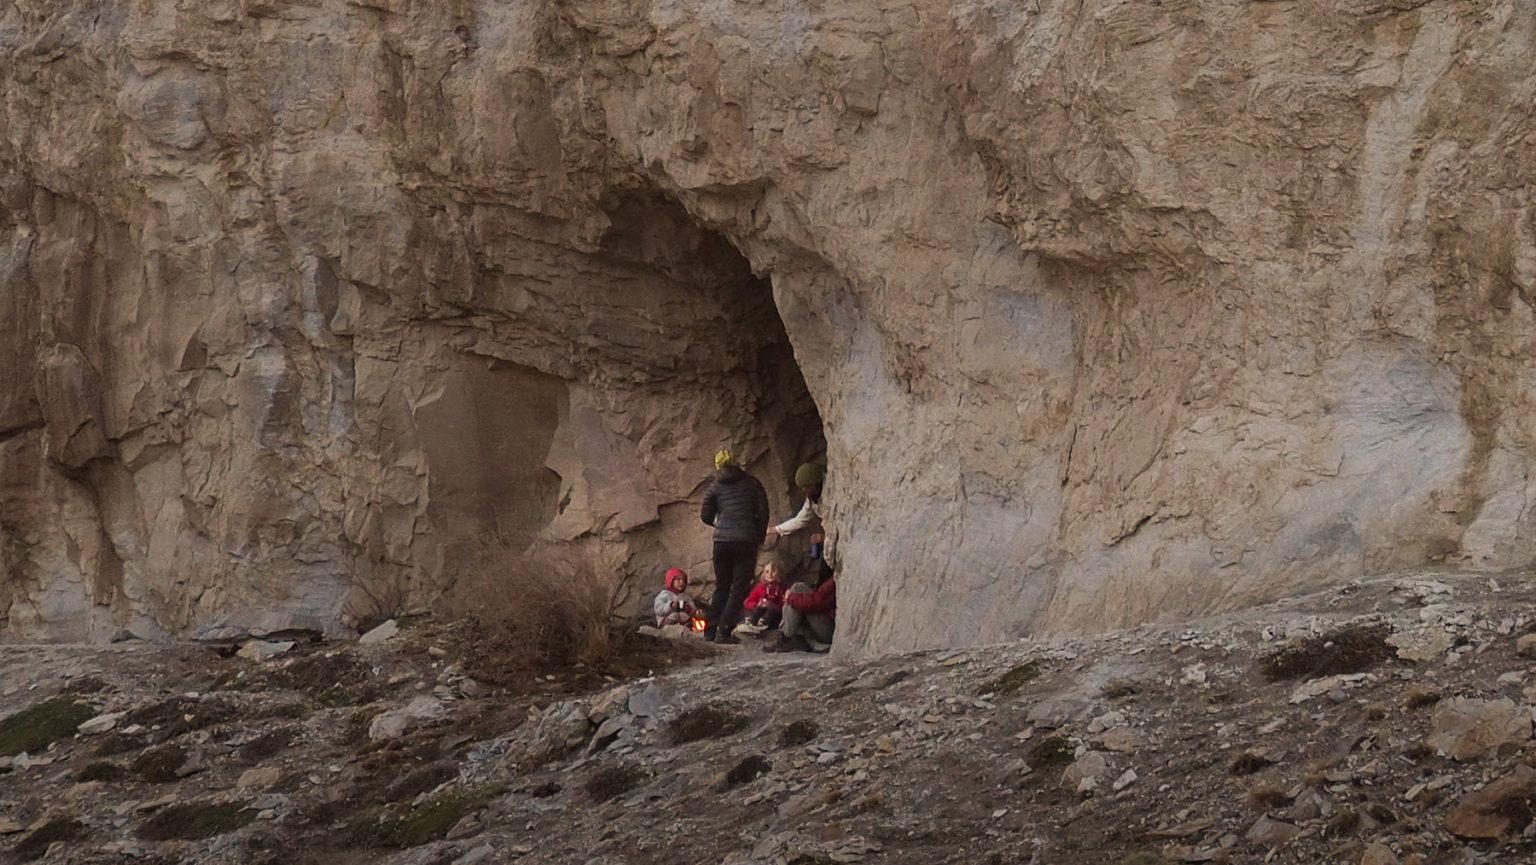 In dieser kleinen Höhle haben bestimmt auch die Nomaden schon vor langer Zeit ihr Lagerfeuer entfacht